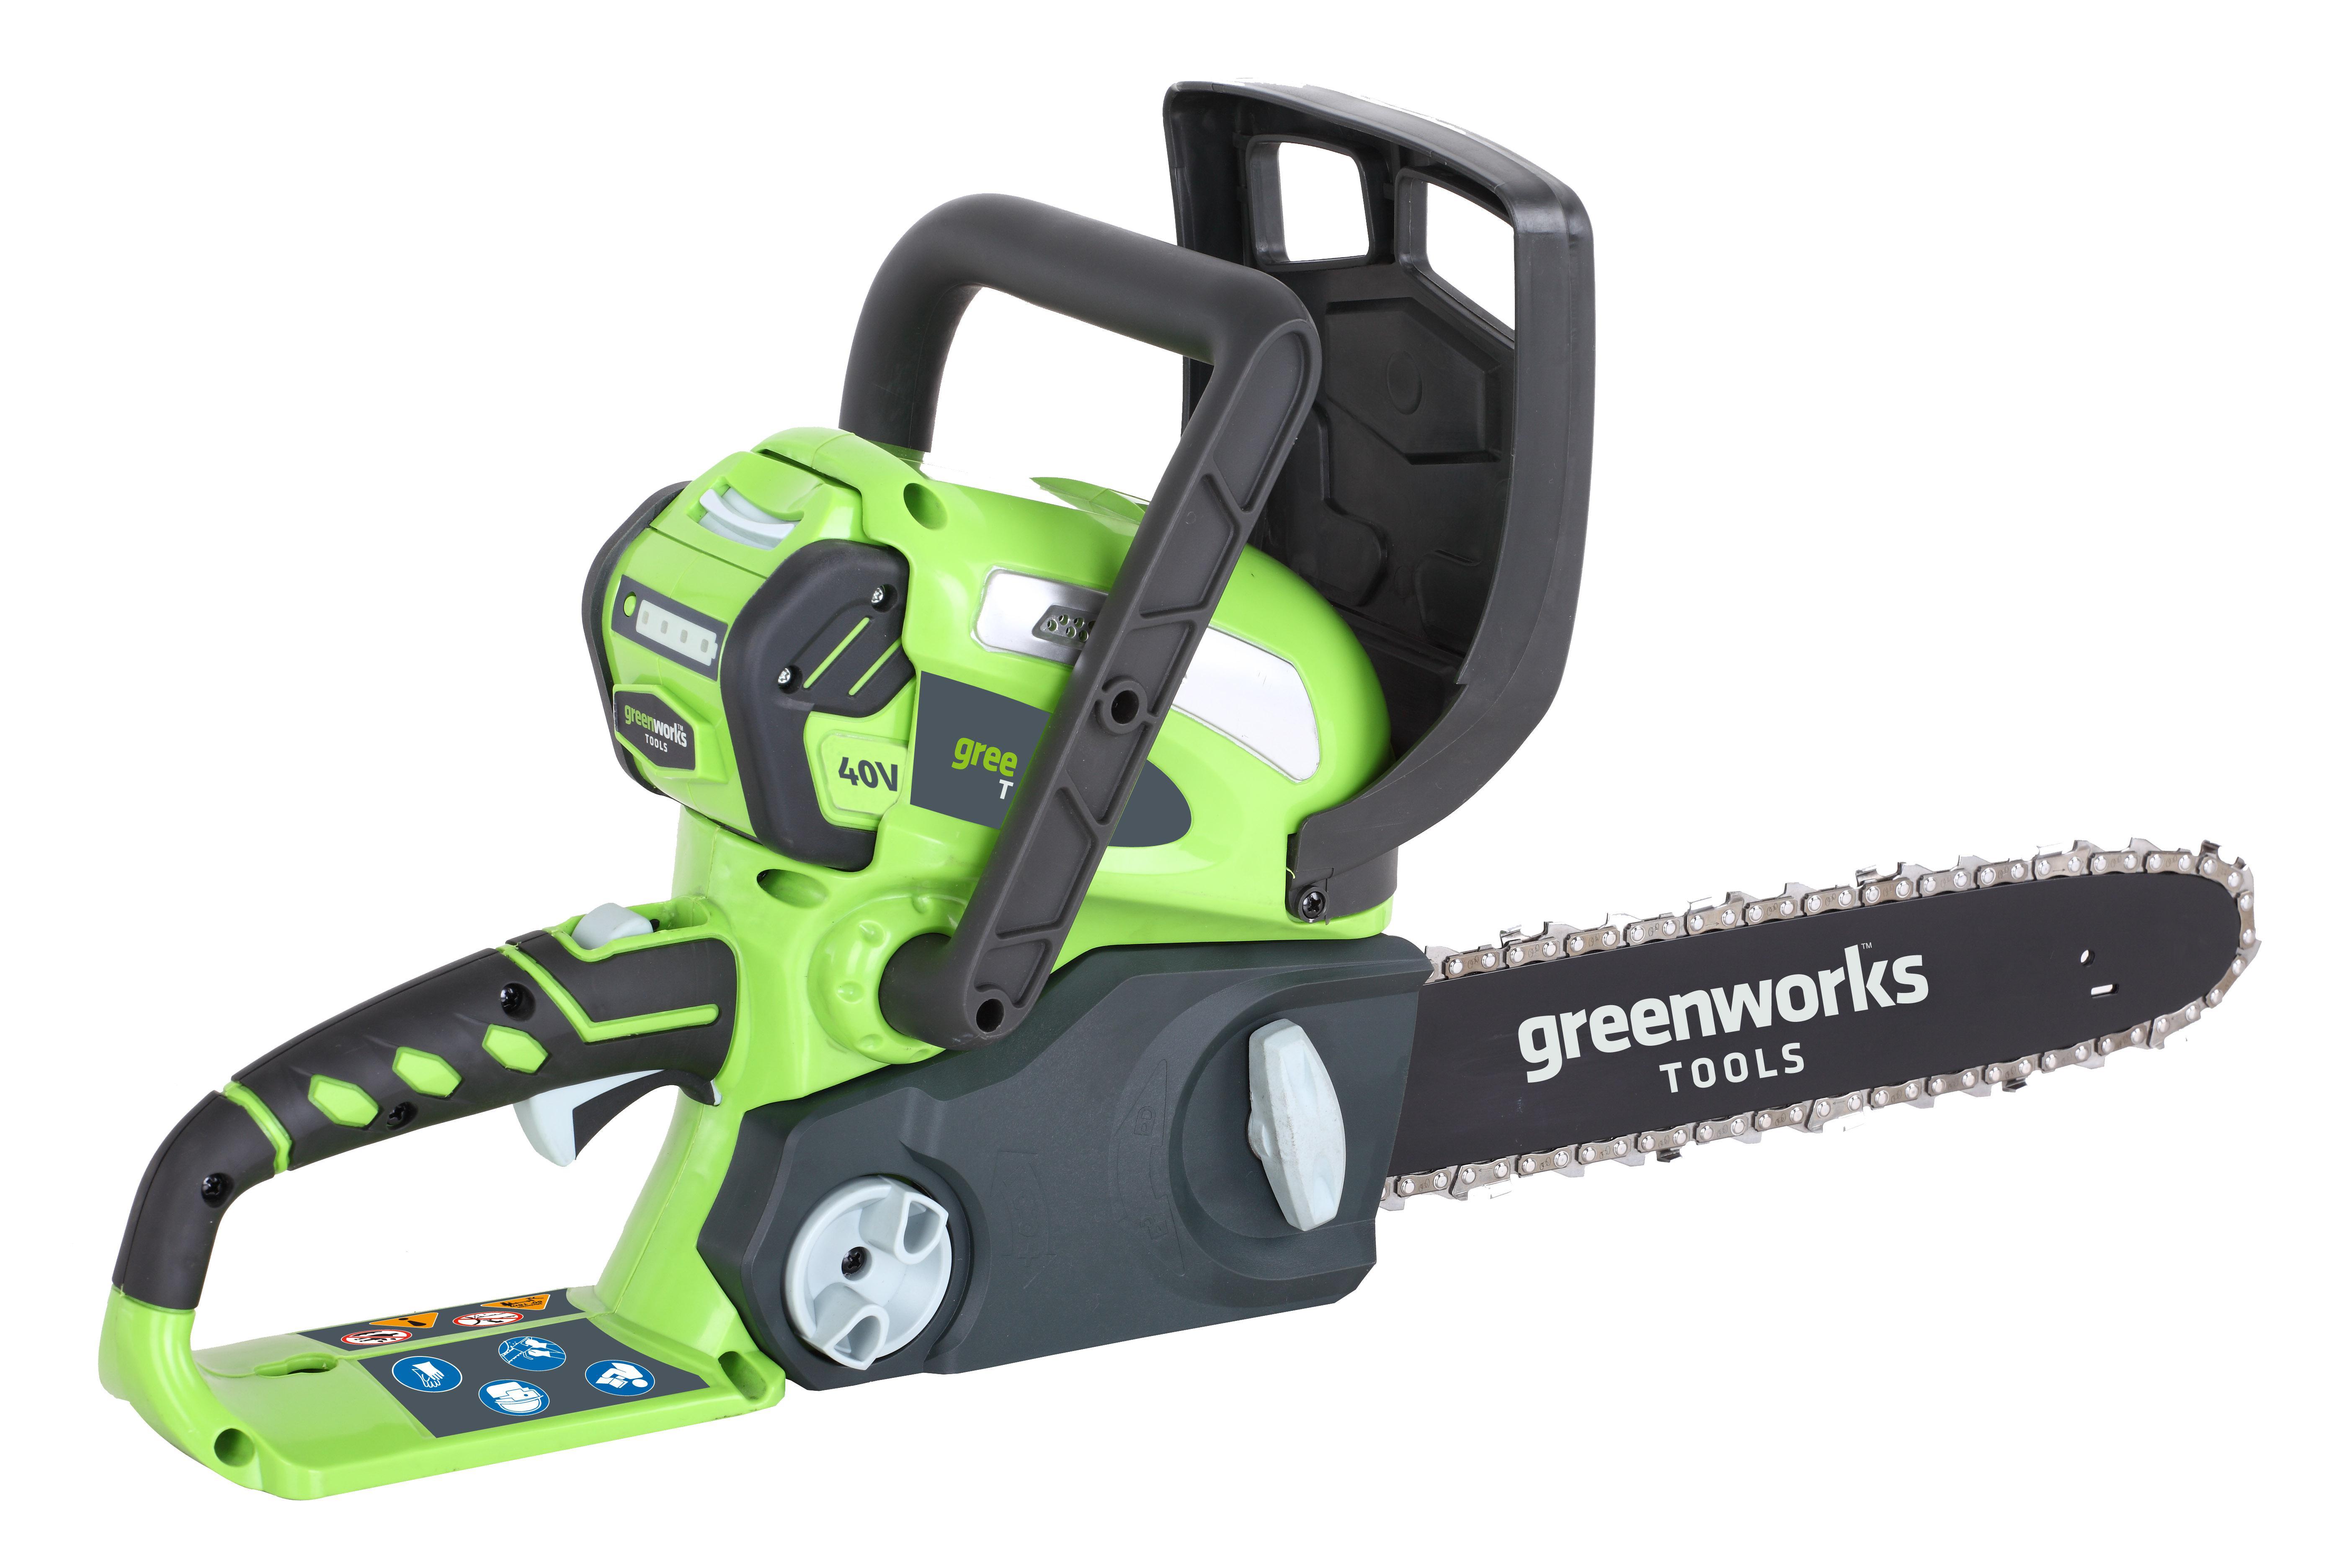 Пила цепная аккумуляторная Greenworks G40cs30k4 (20117ub) 1акк. 40В 4Ач + ЗУ